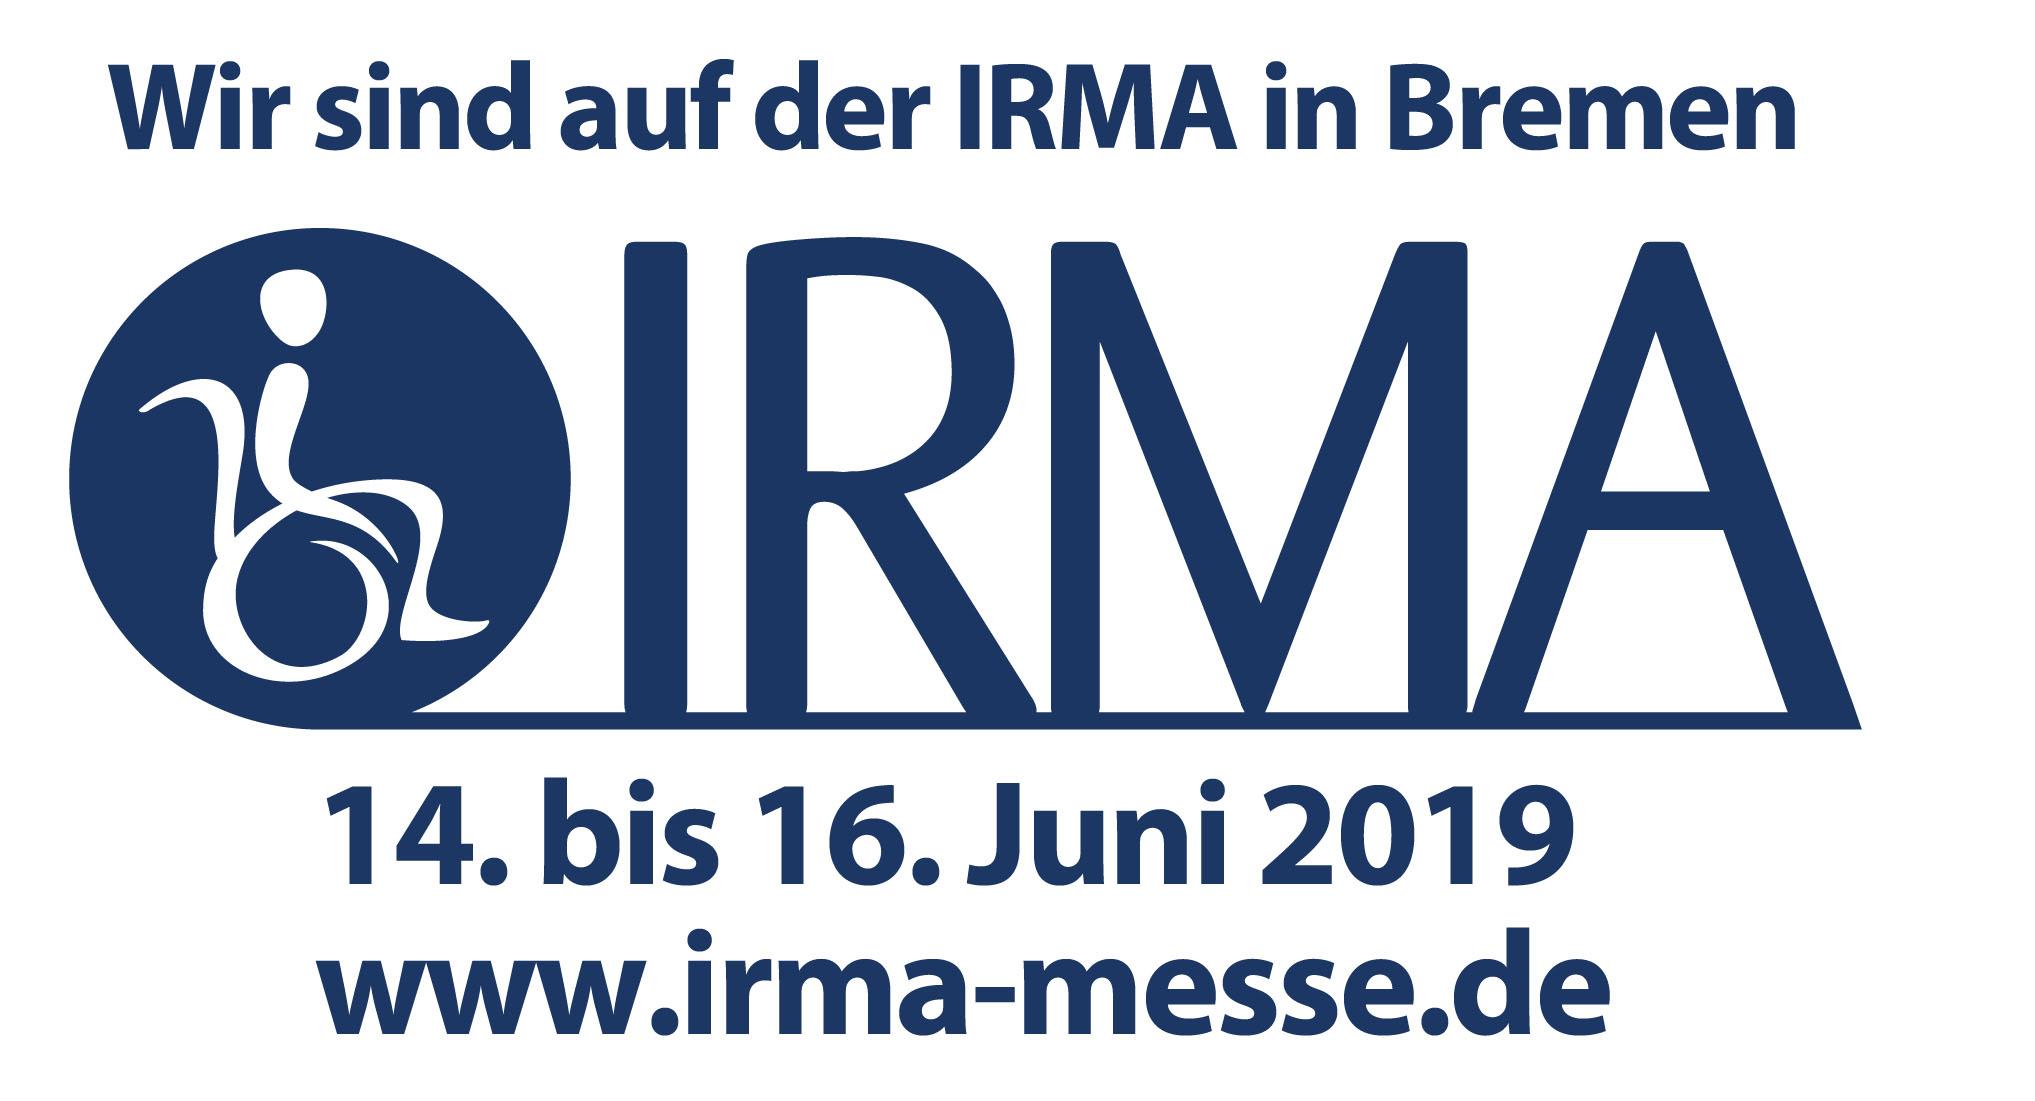 Titelbild zu IRMA 2019 Bremen